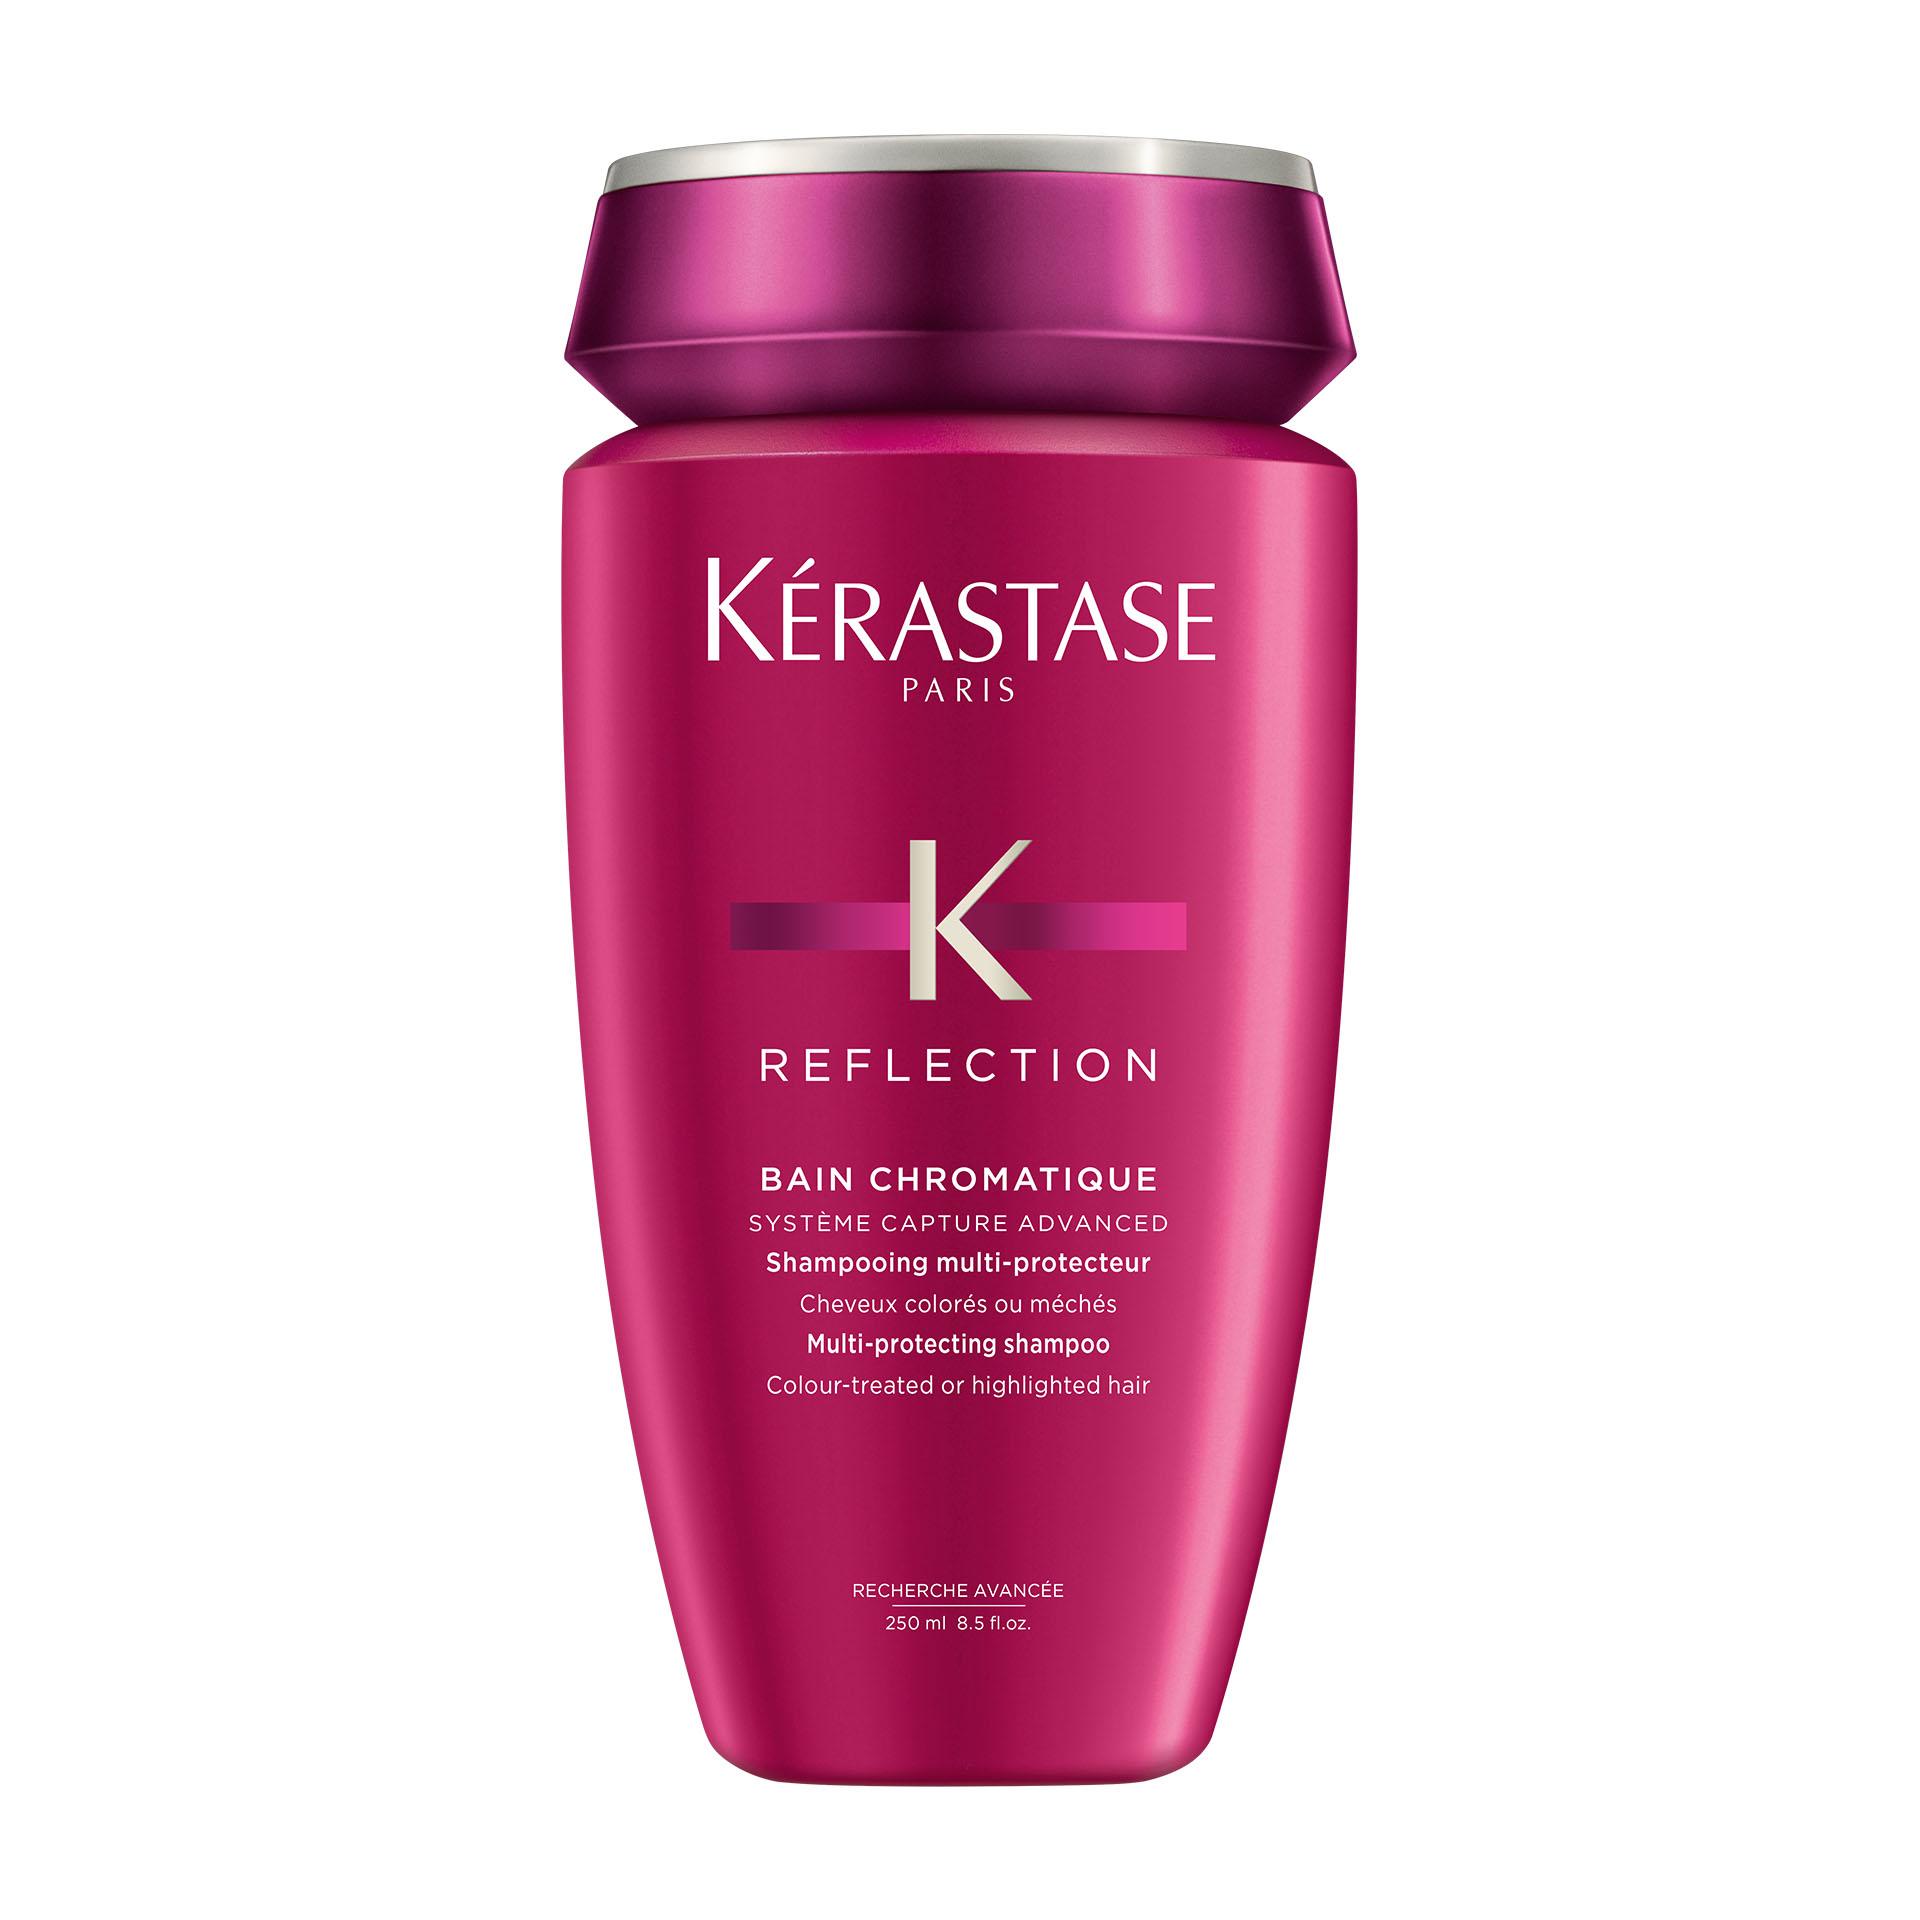 KERASTASE Шампунь-ванна для защиты цвета окрашенных волос Хроматик / РЕФЛЕКСЬОН 250мл kerastase kerastase шампунь ванна для защиты цвета окрашенных волос reflection chromatique e2267800 1000 мл